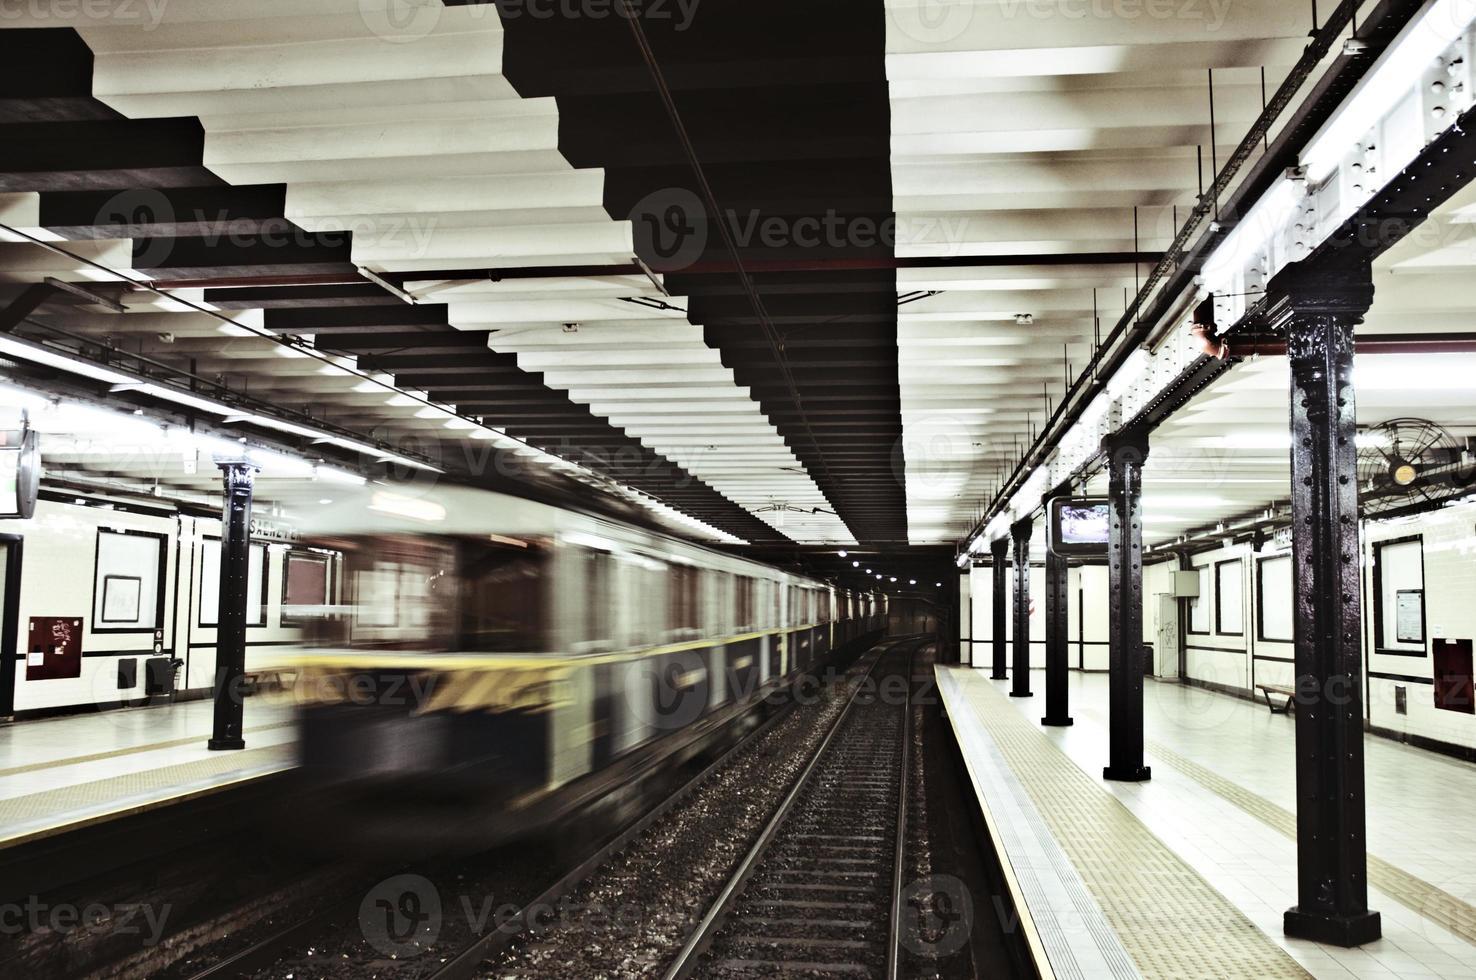 station de métro et train en marche photo